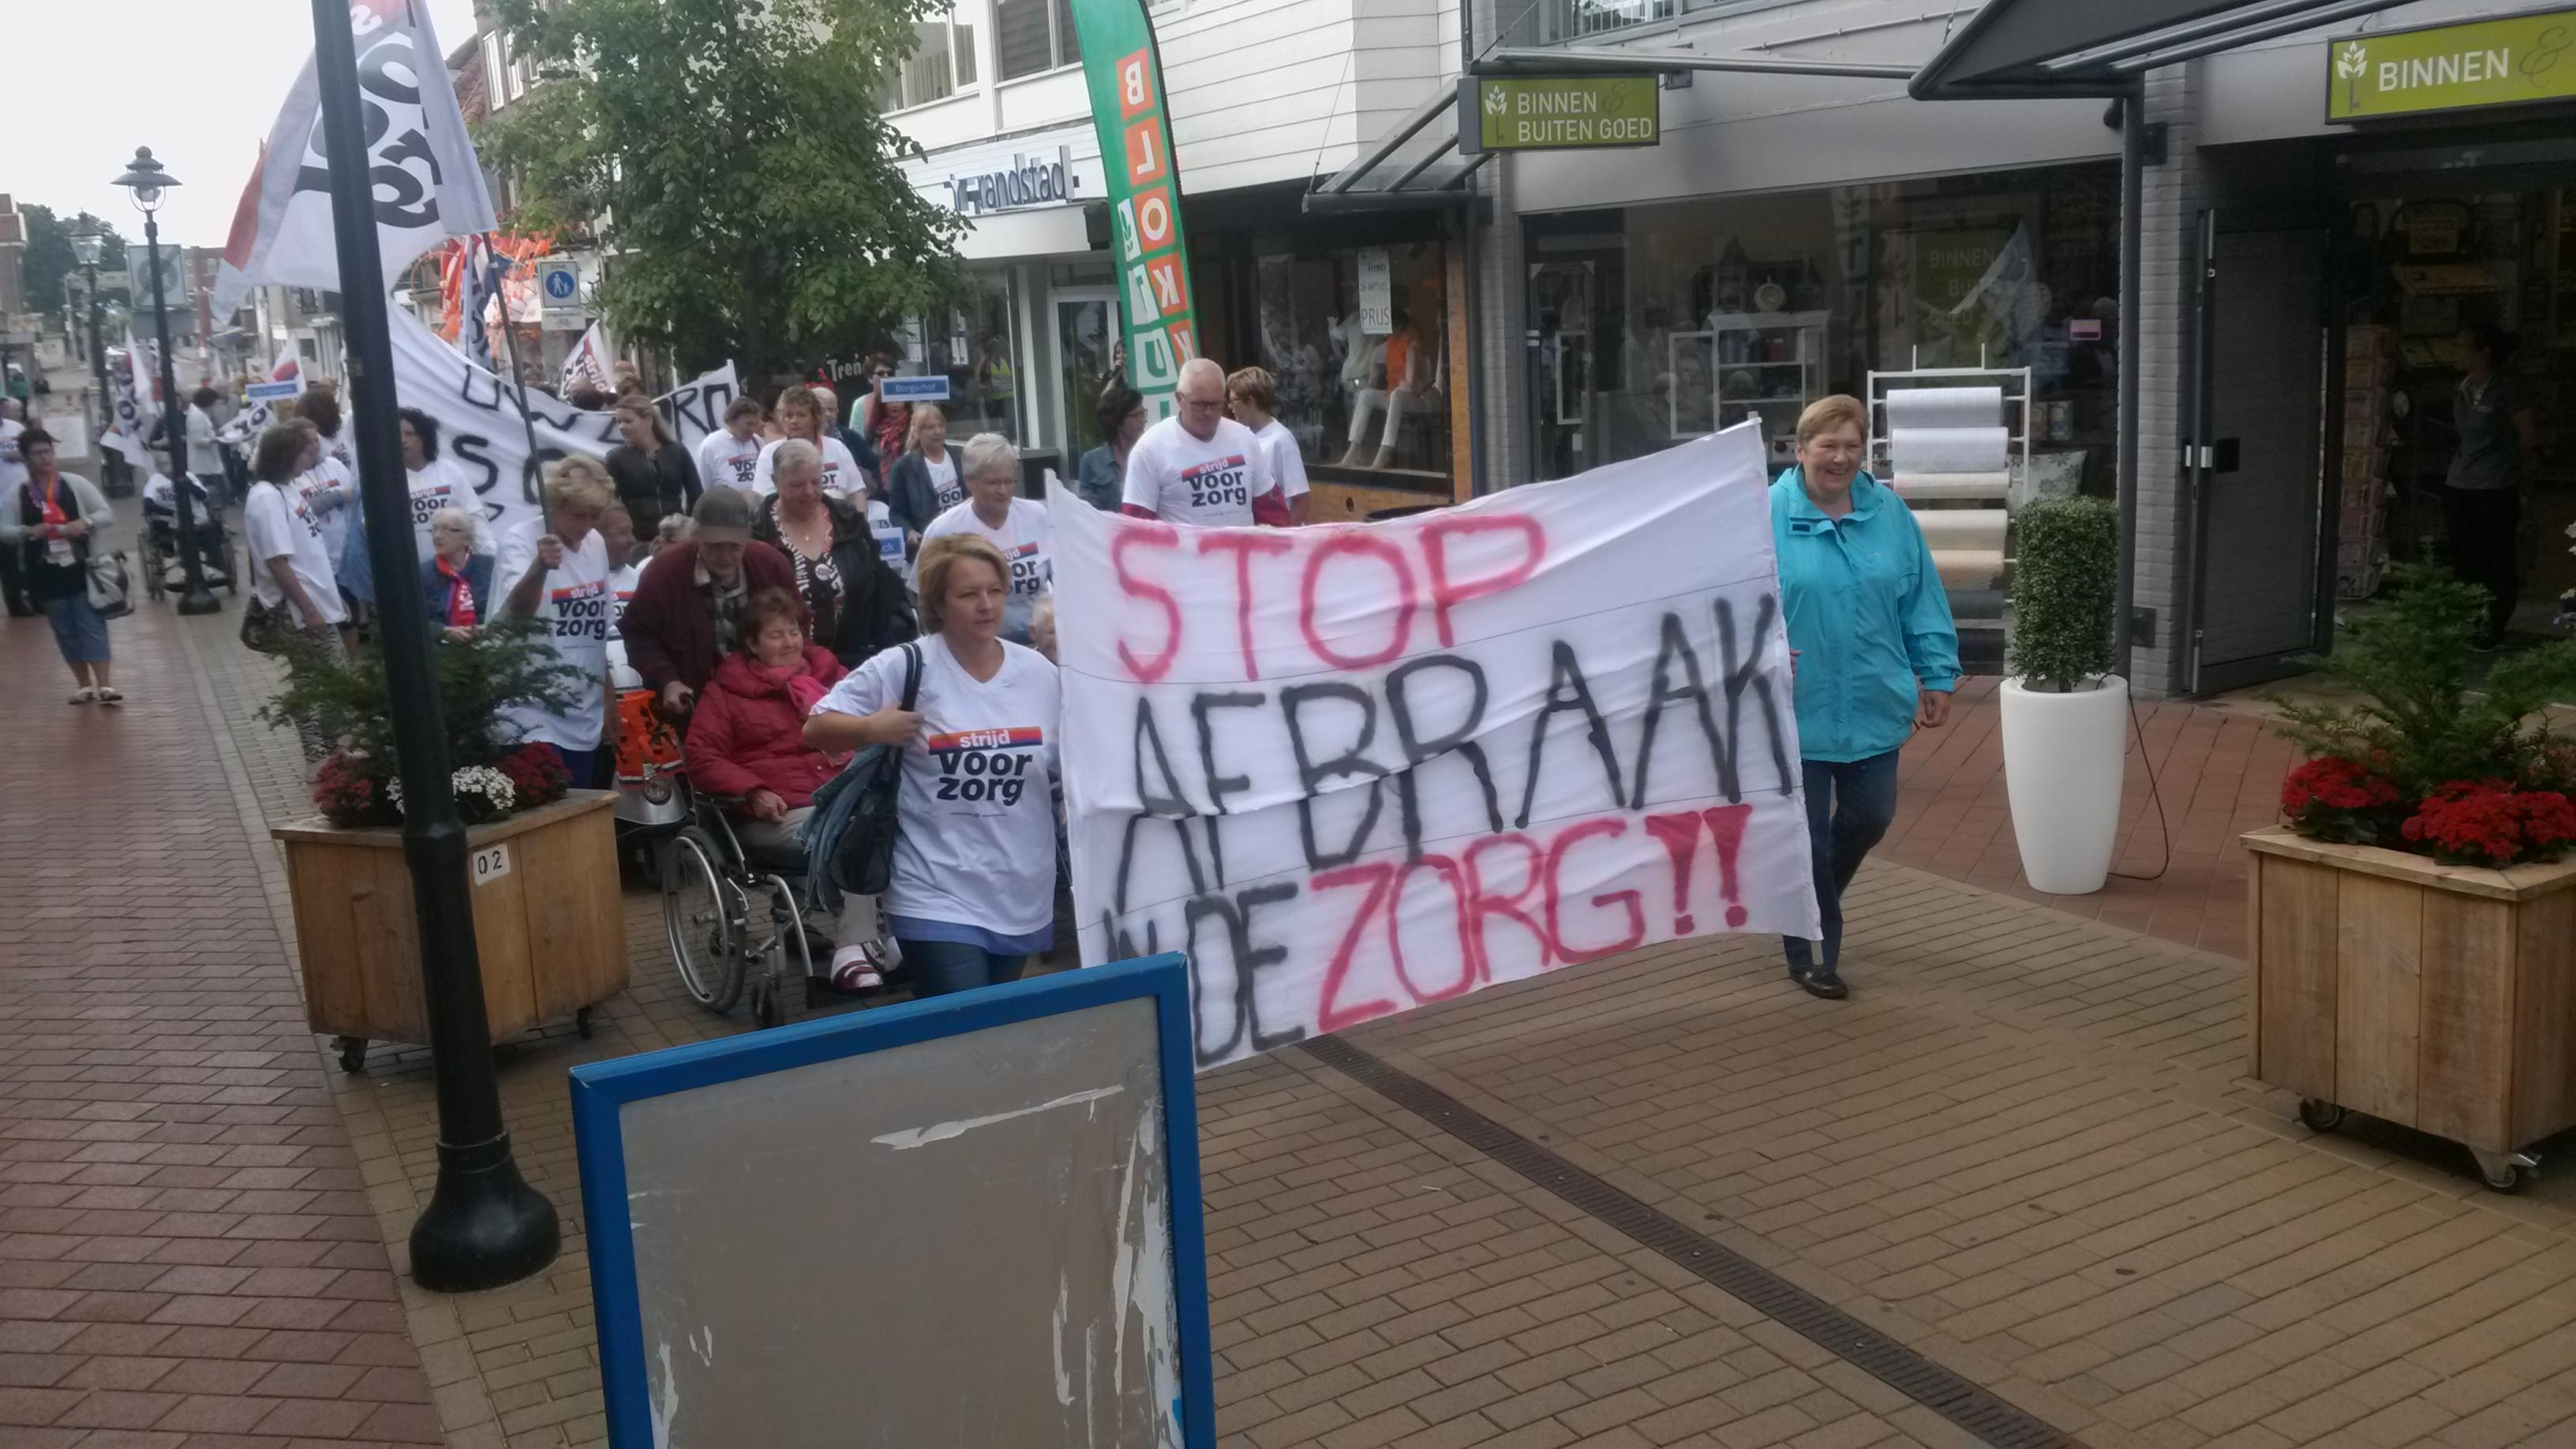 De actievoerders trekken door Coevorden. ©Steven Stegen